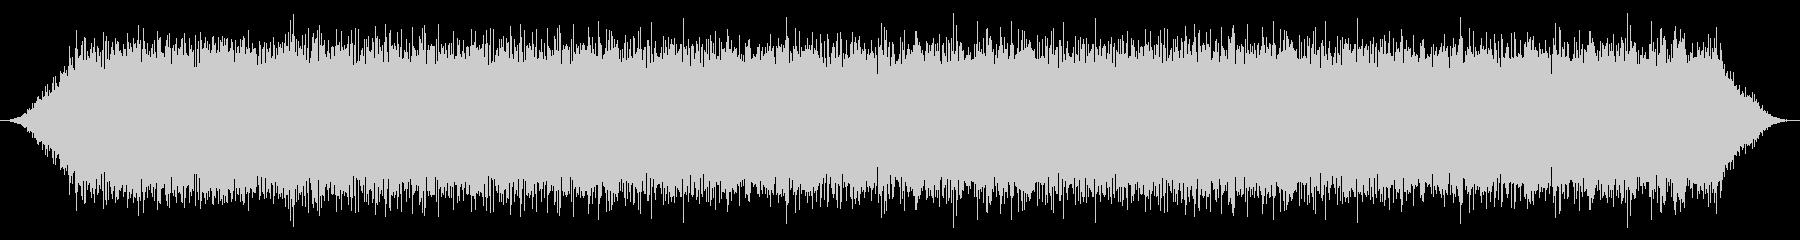 PC 駆動音01-07(ロング)の未再生の波形